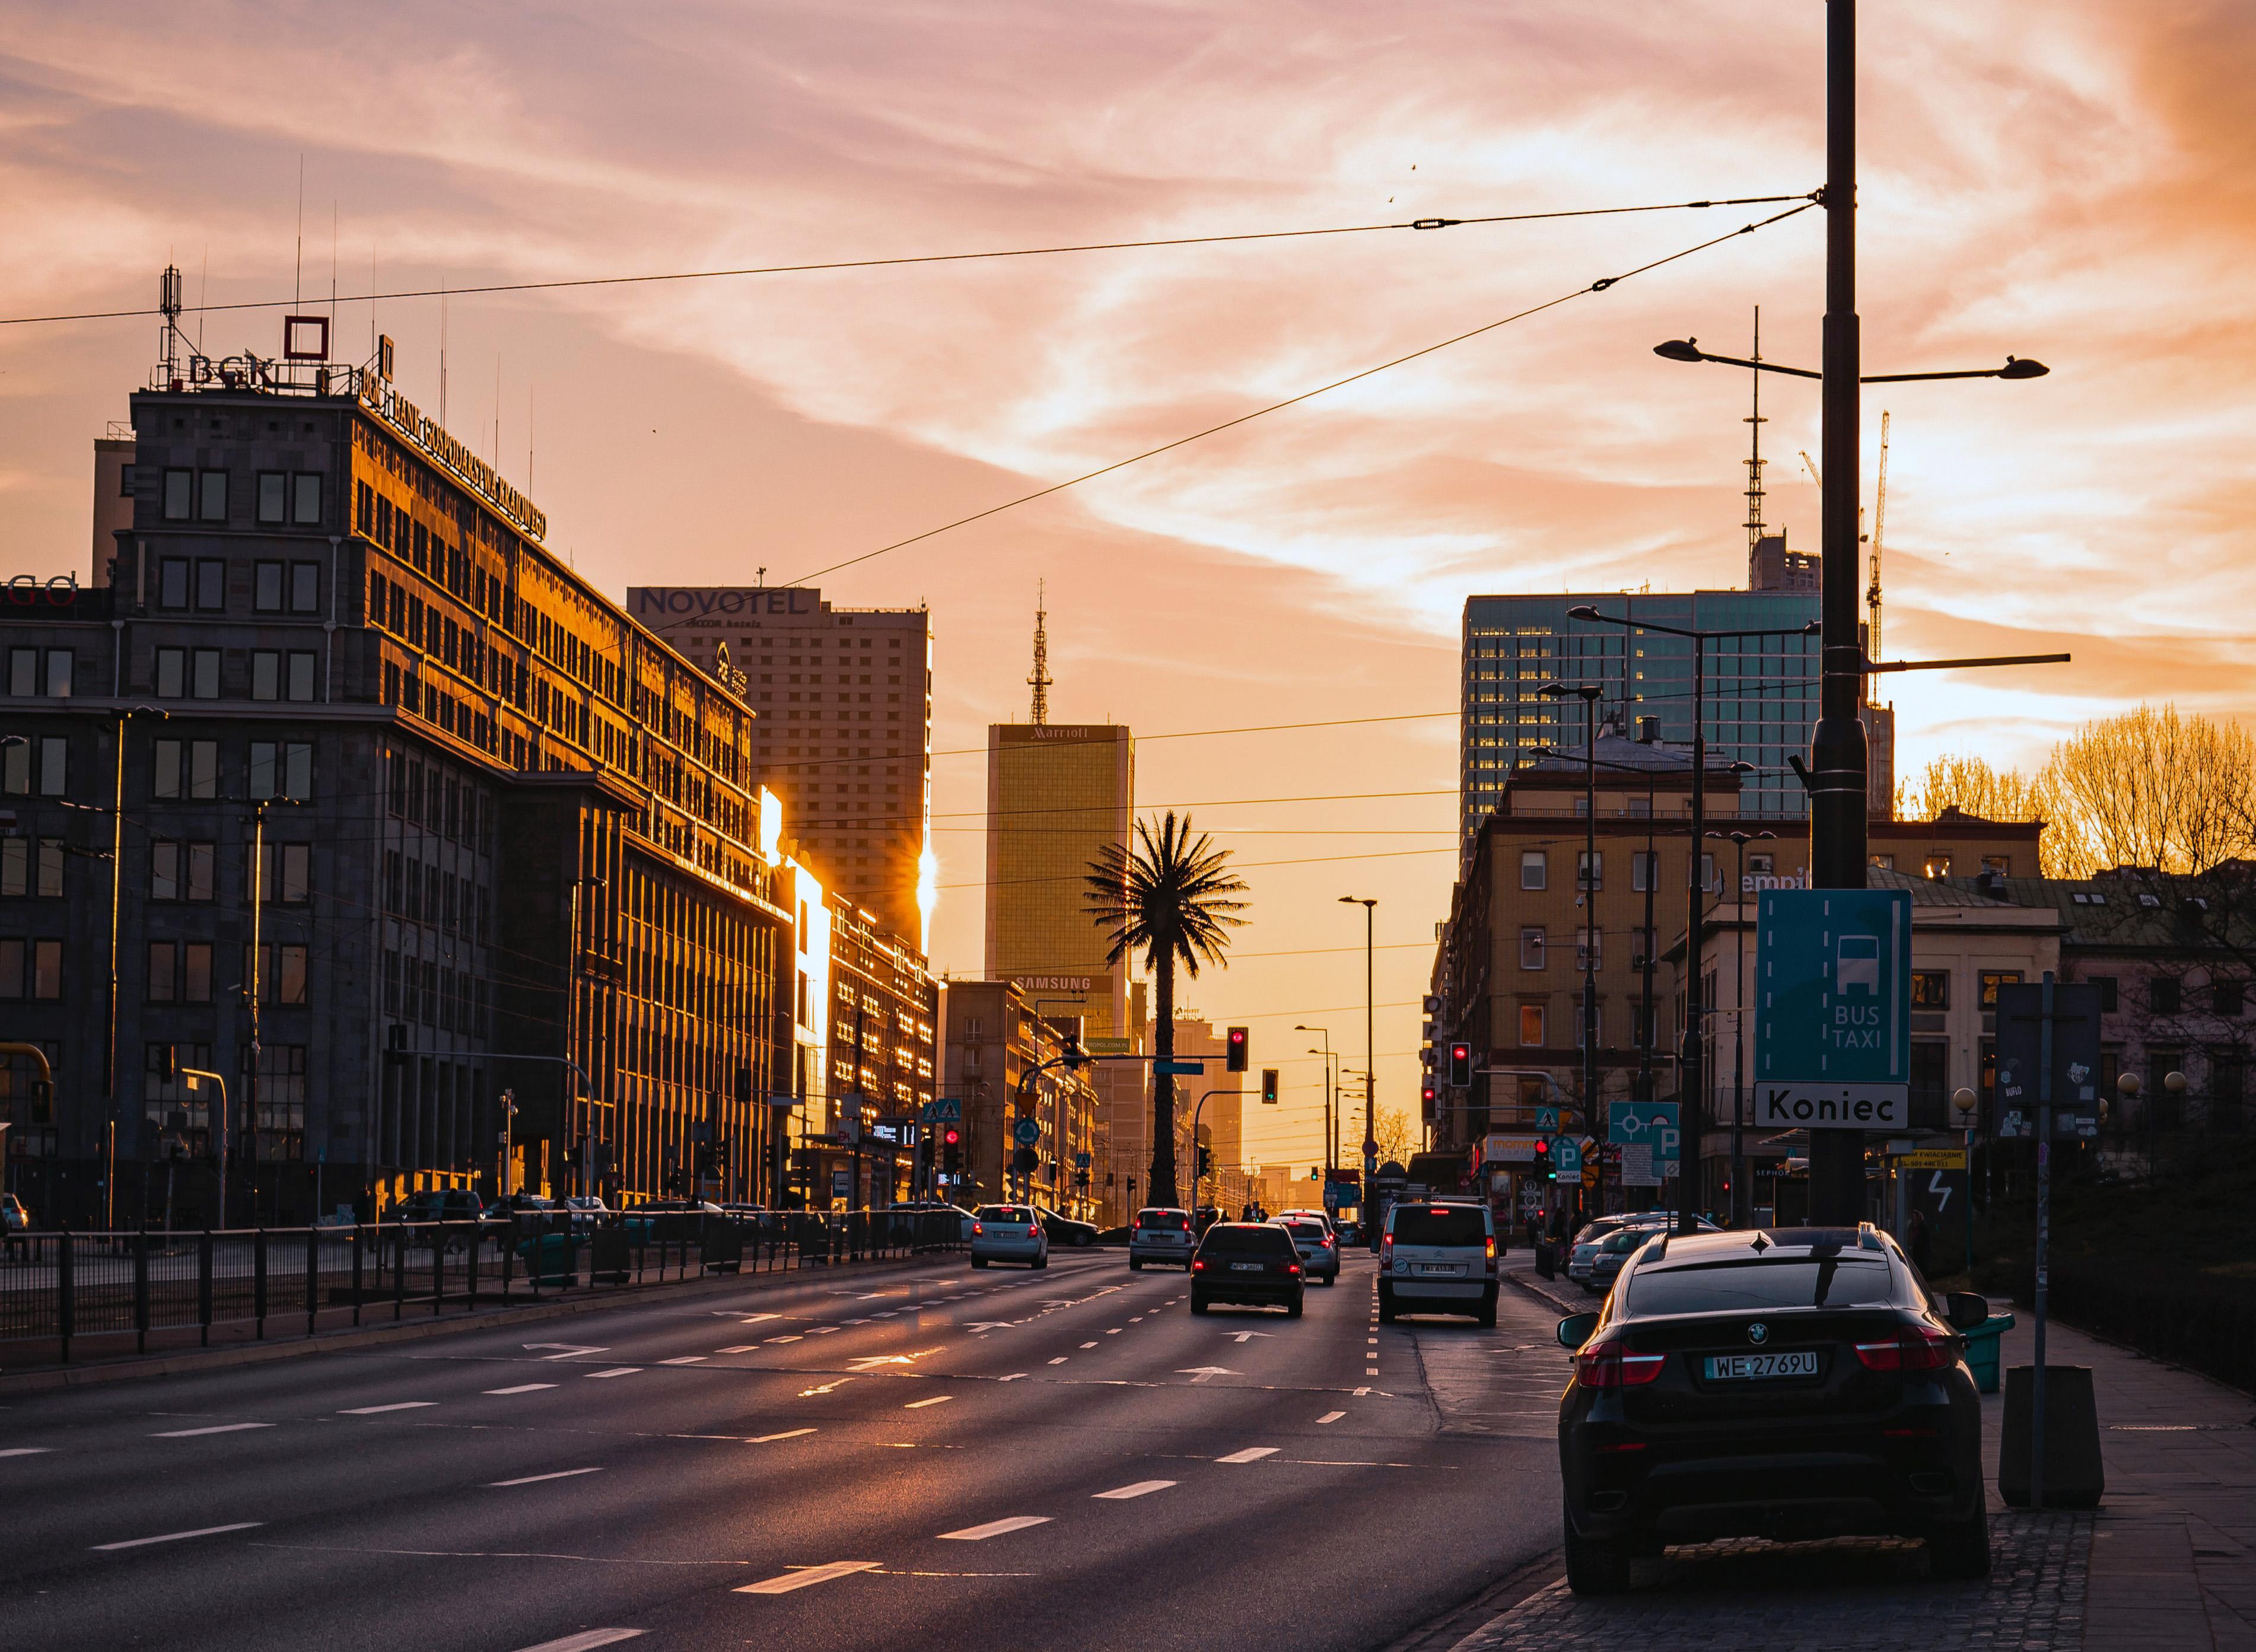 Warszawa ALeje Jerozolimskie De Gaulle'a kamil-marciniak-uhaqBwNP2RM-unsplash